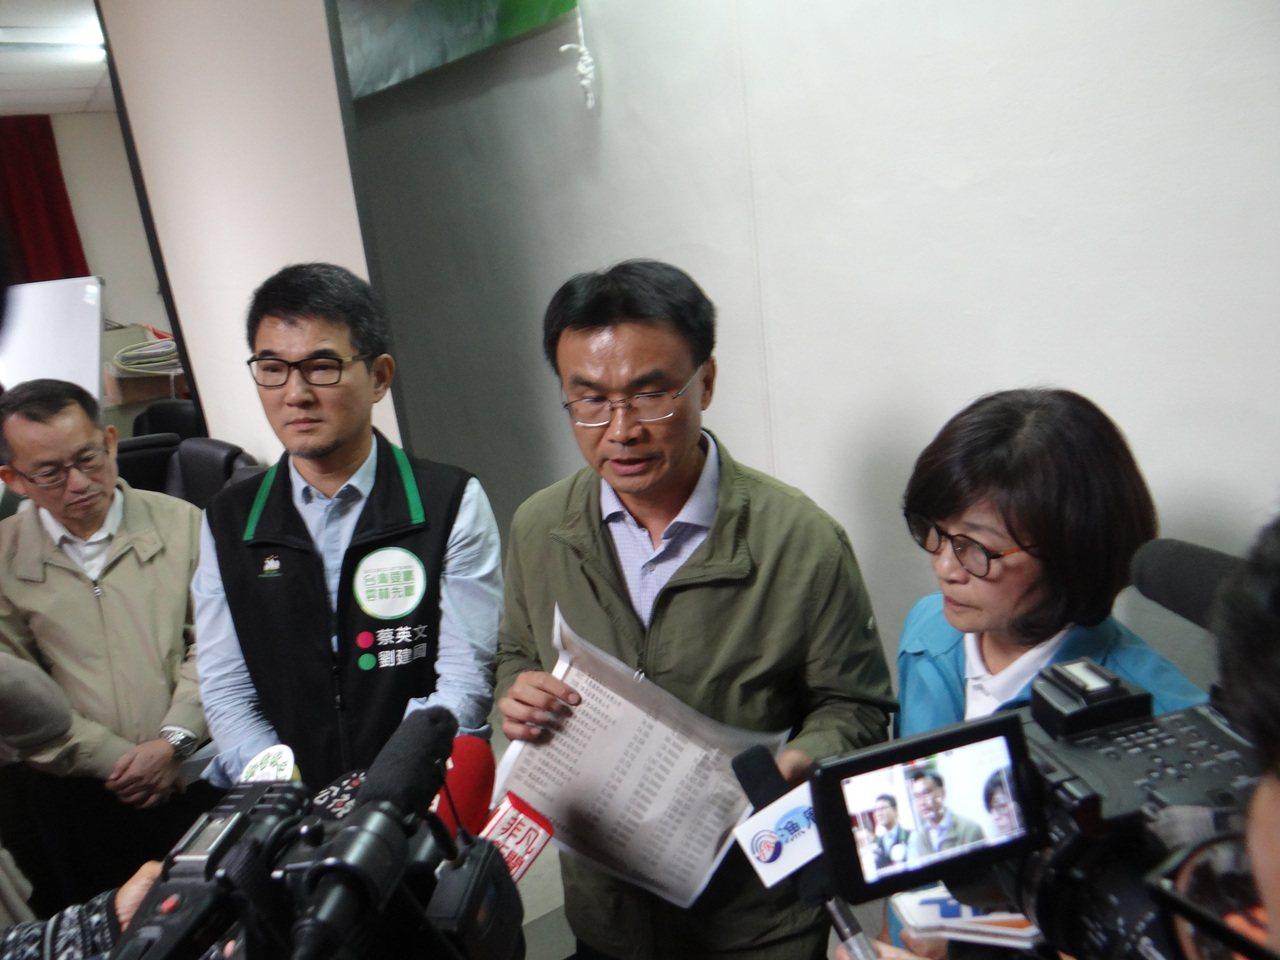 陳吉仲向假消息宣戰,強調只要謠言不止反烈,他天天都來雲林。記者蔡維斌/攝影